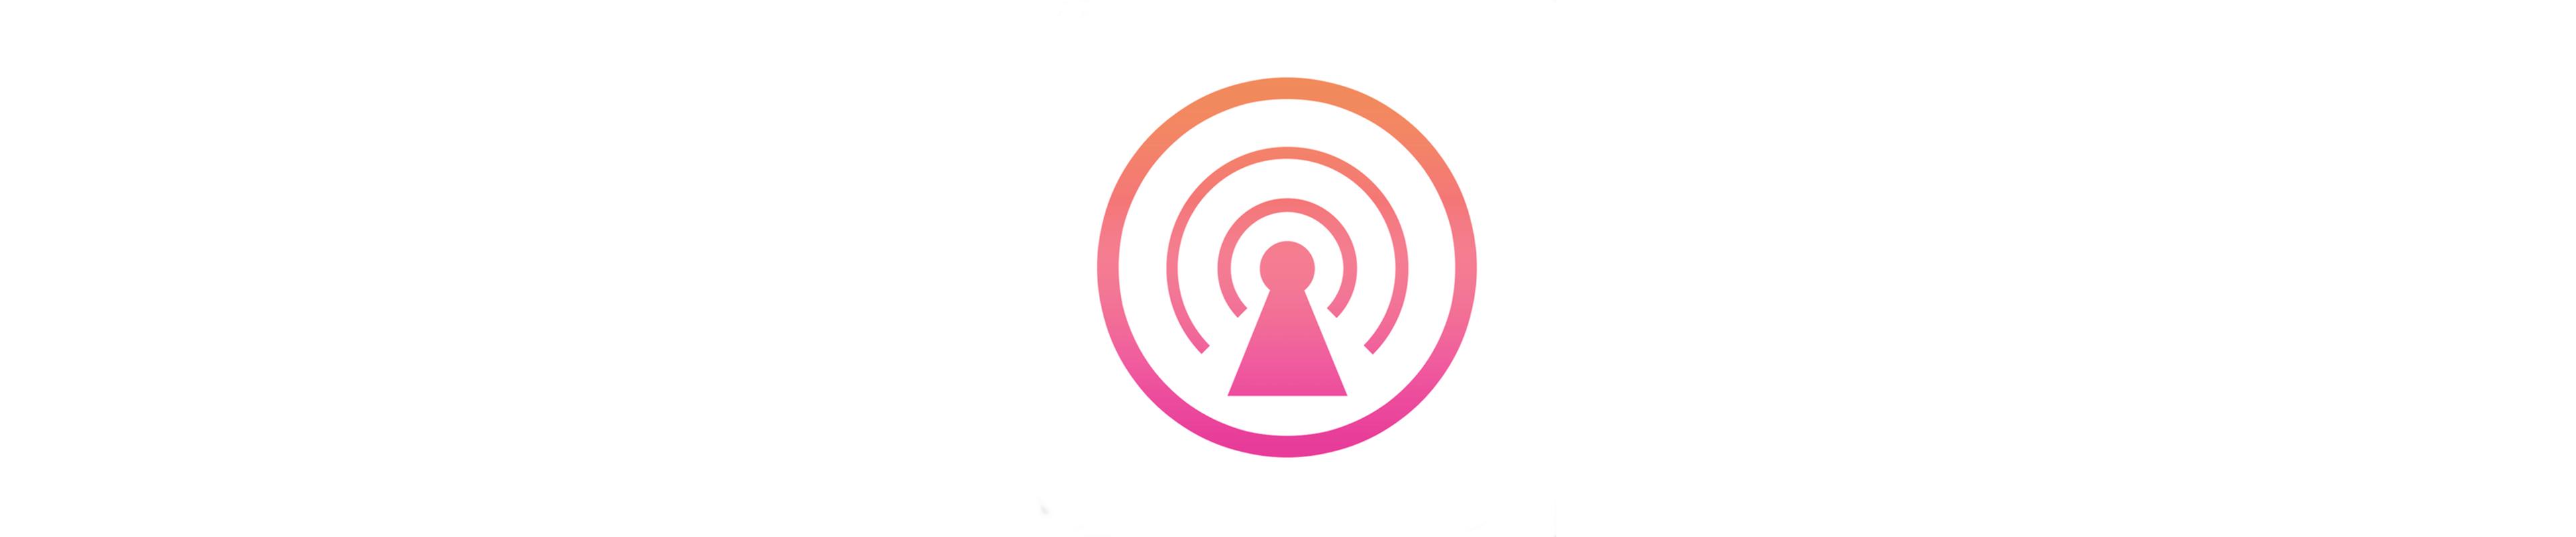 [已购]Kitsunebi – Proxy Utility-草蜢资源